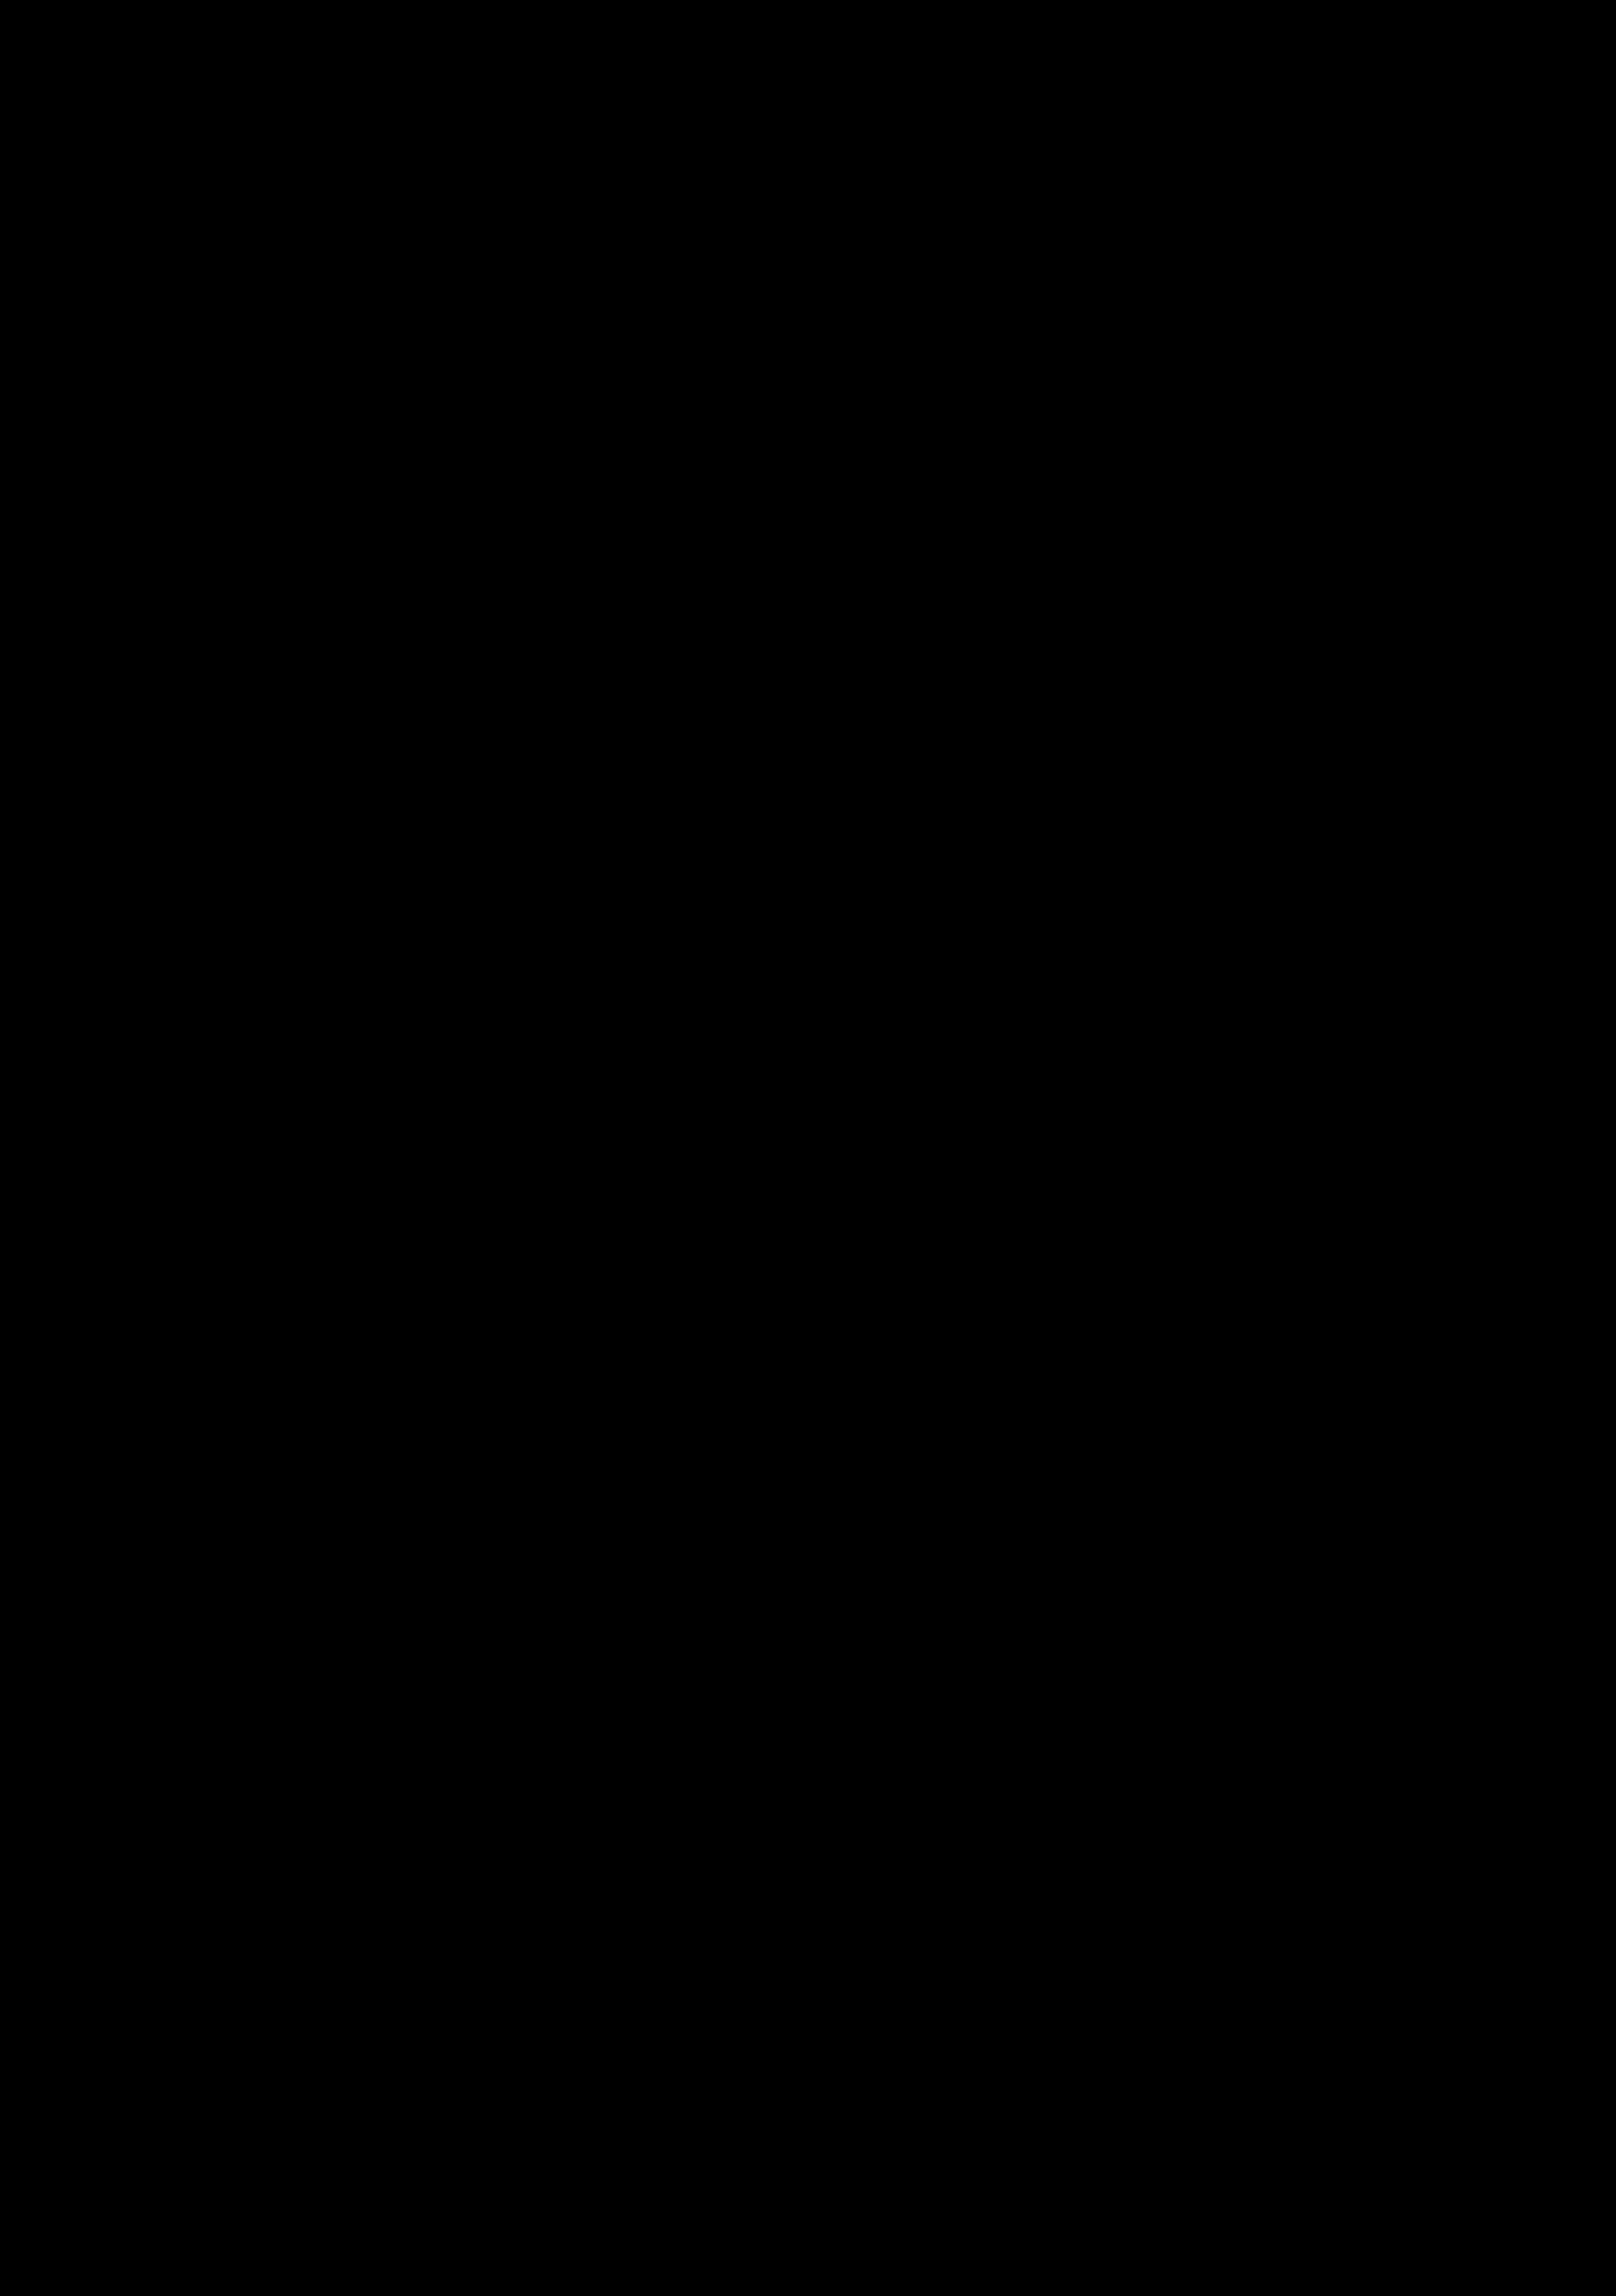 Capa do livro: ESTRATÉGIAS DE PLANEJAMENTO E INOVAÇÃO PARA O CUIDADO:<br> gestão, tecnologias, indicadores e instrumentos